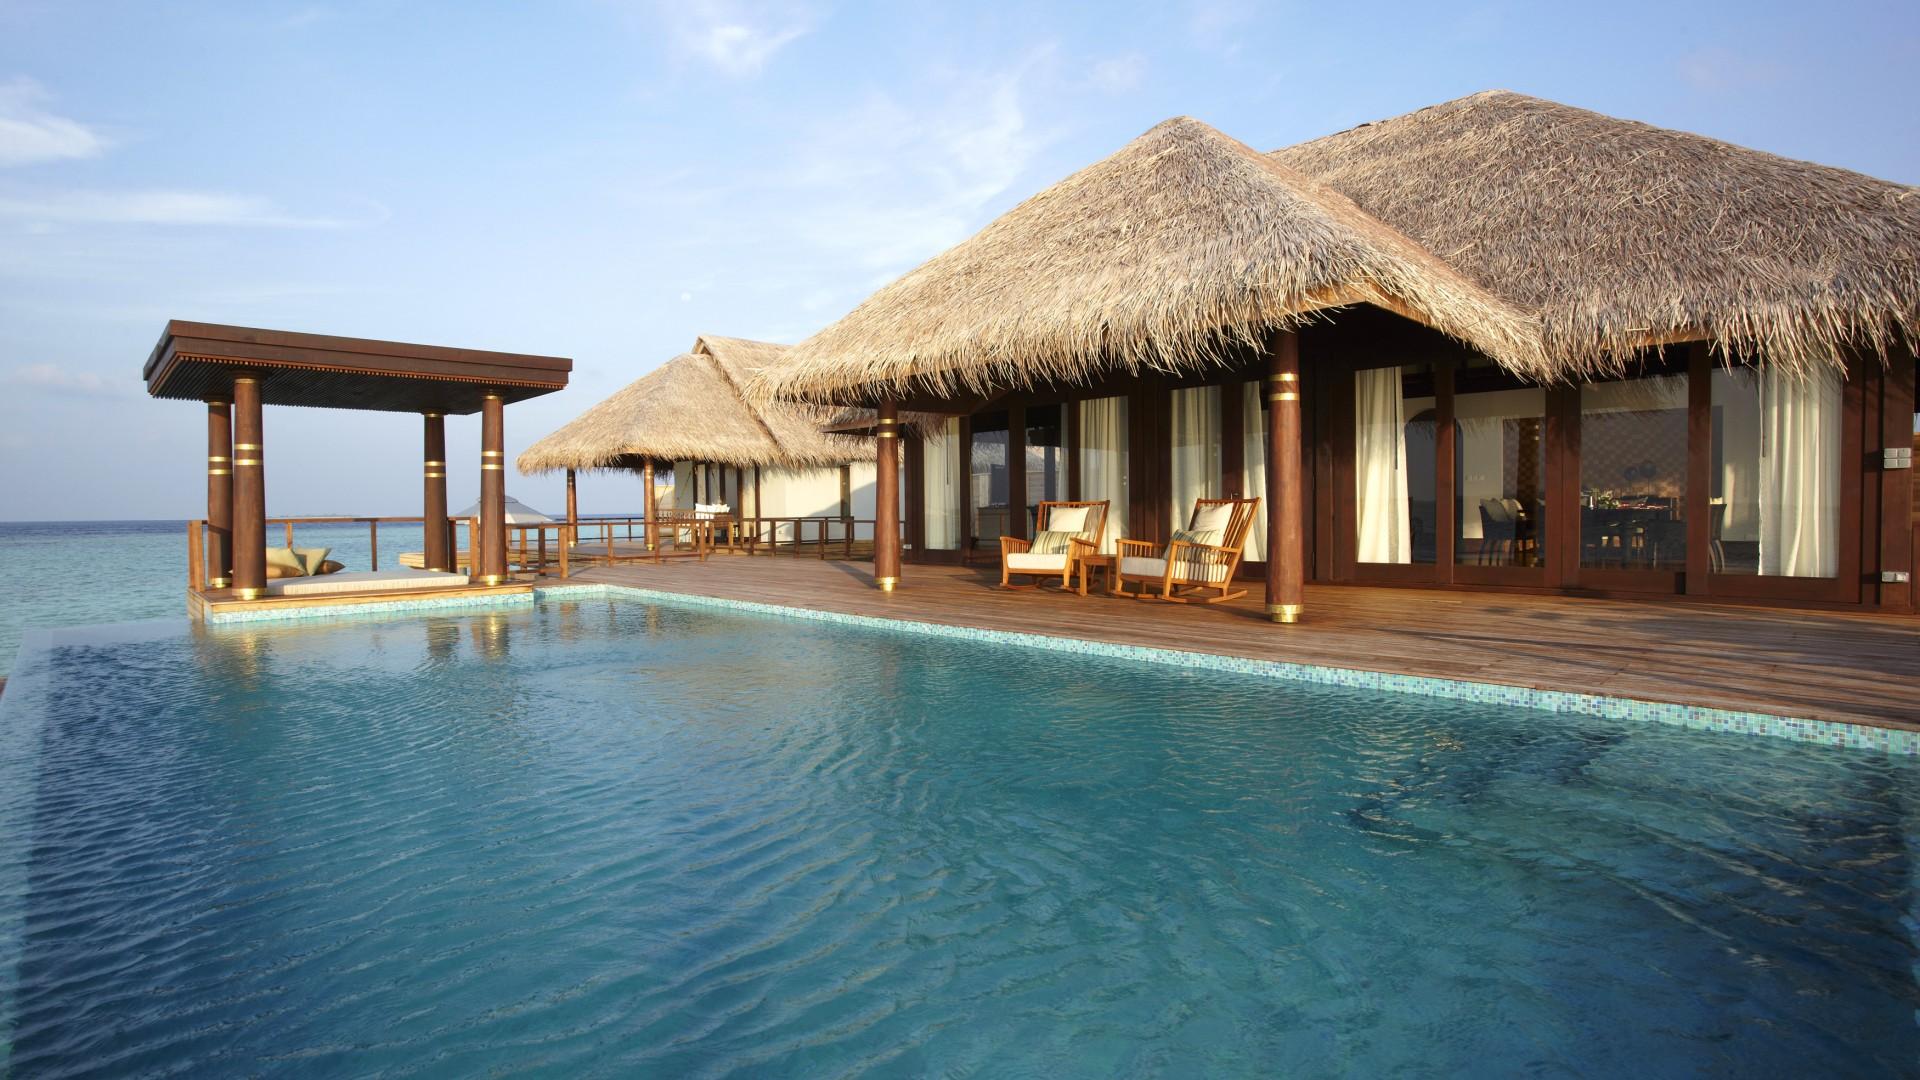 Anantara Kihavah Villas, Maldives, resort, pool, ocean, sea, water ...